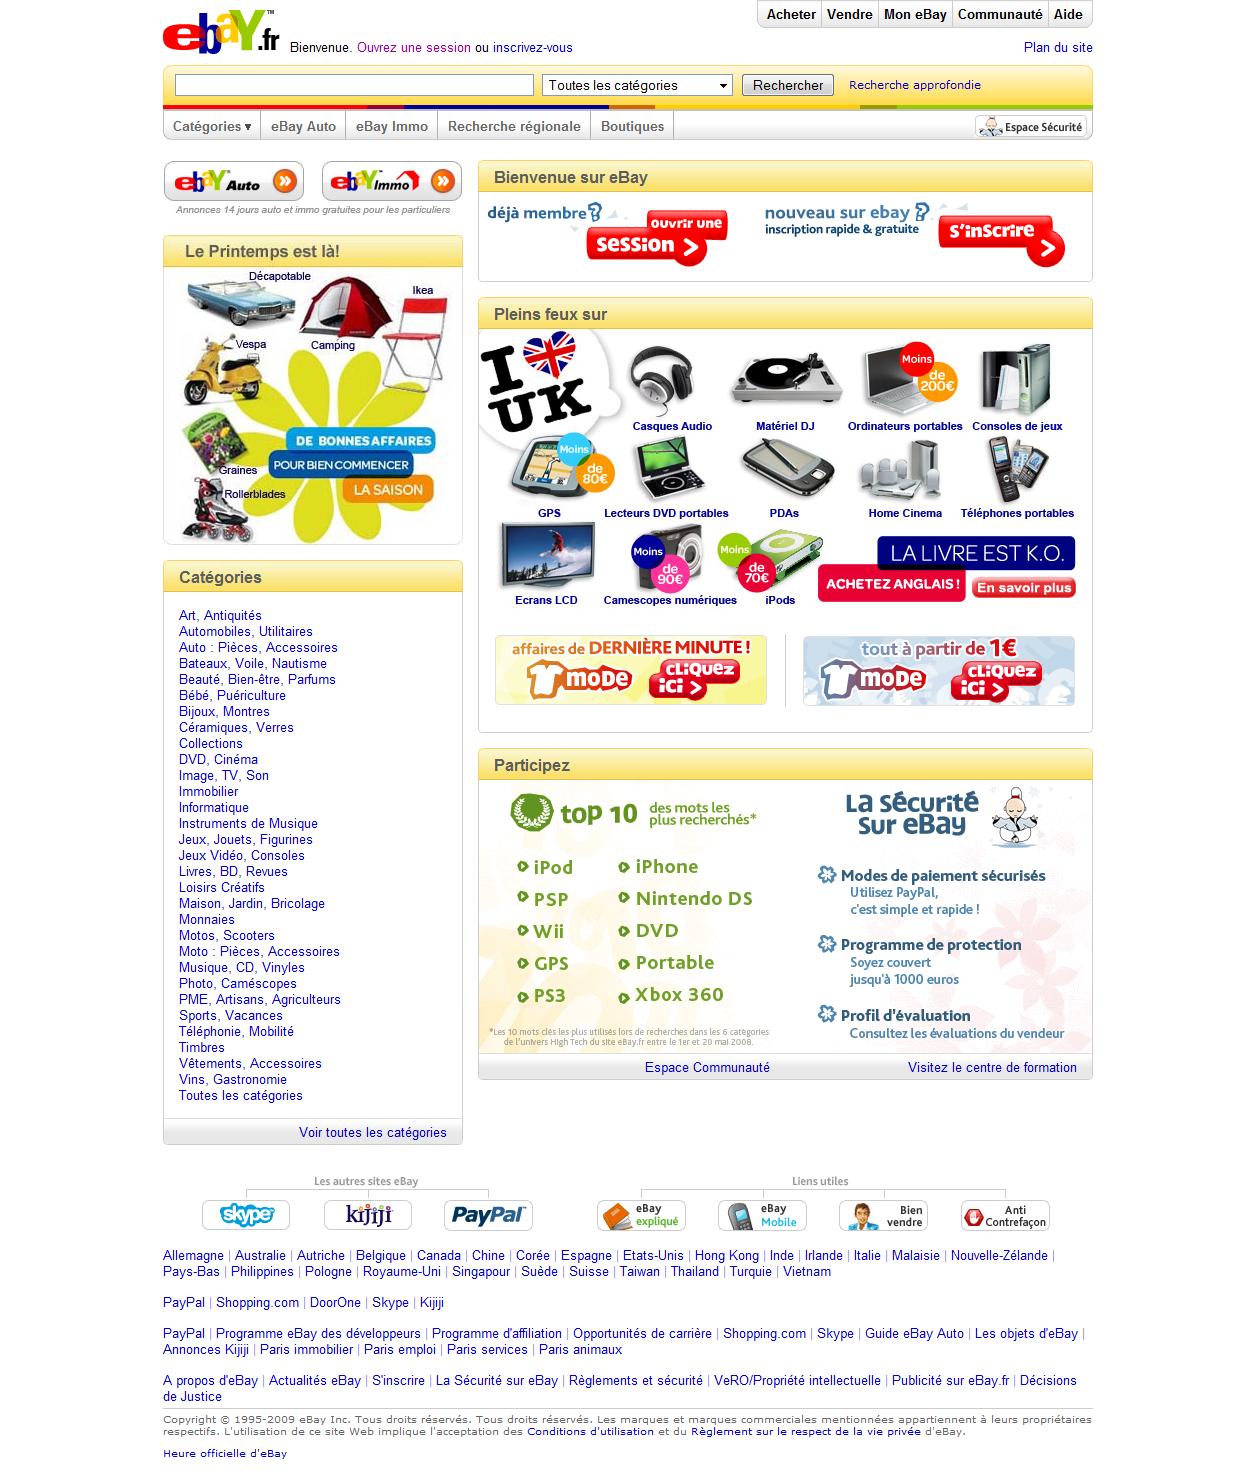 Vente en ligne quel site choisir for Vente de vegetaux en ligne